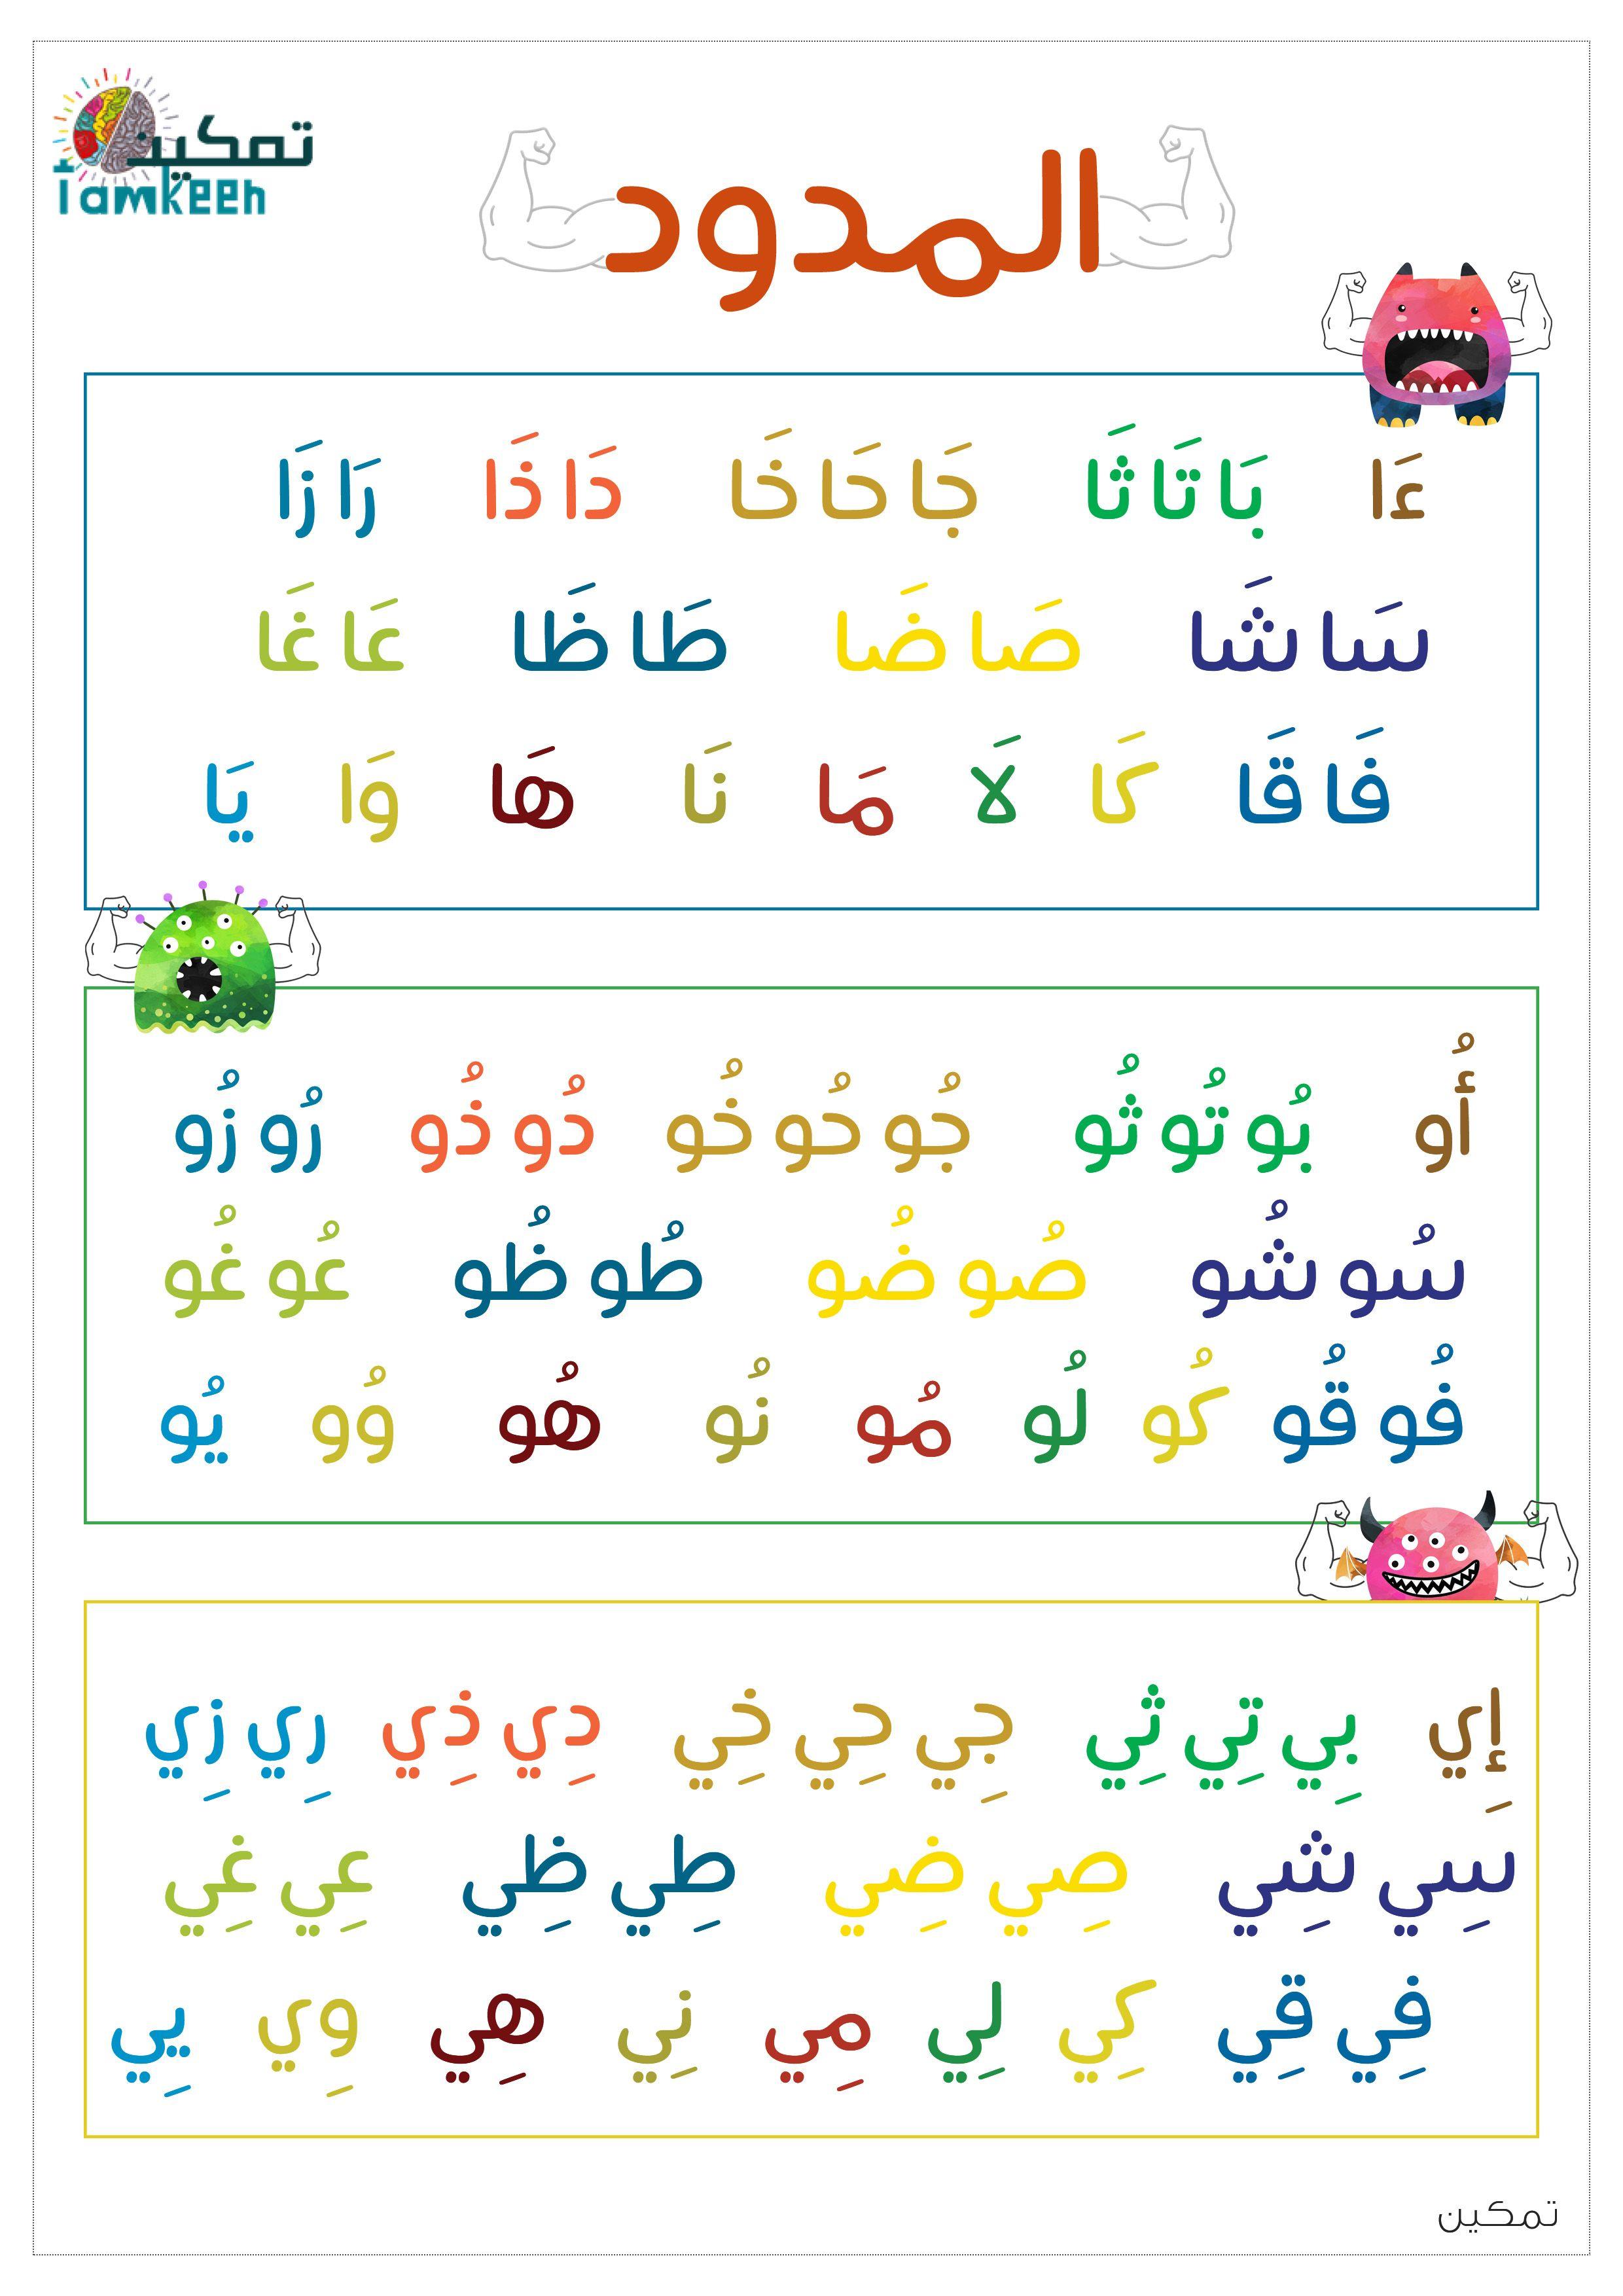 المدود Arabic Alphabet For Kids Learning Arabic Learn Arabic Alphabet